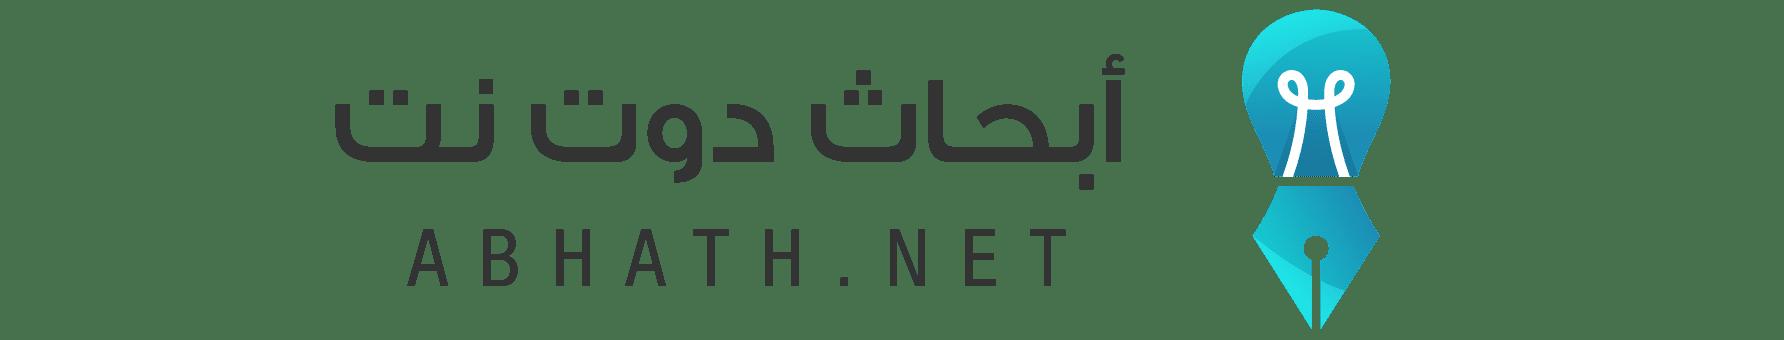 شبكة الأبحاث العربية